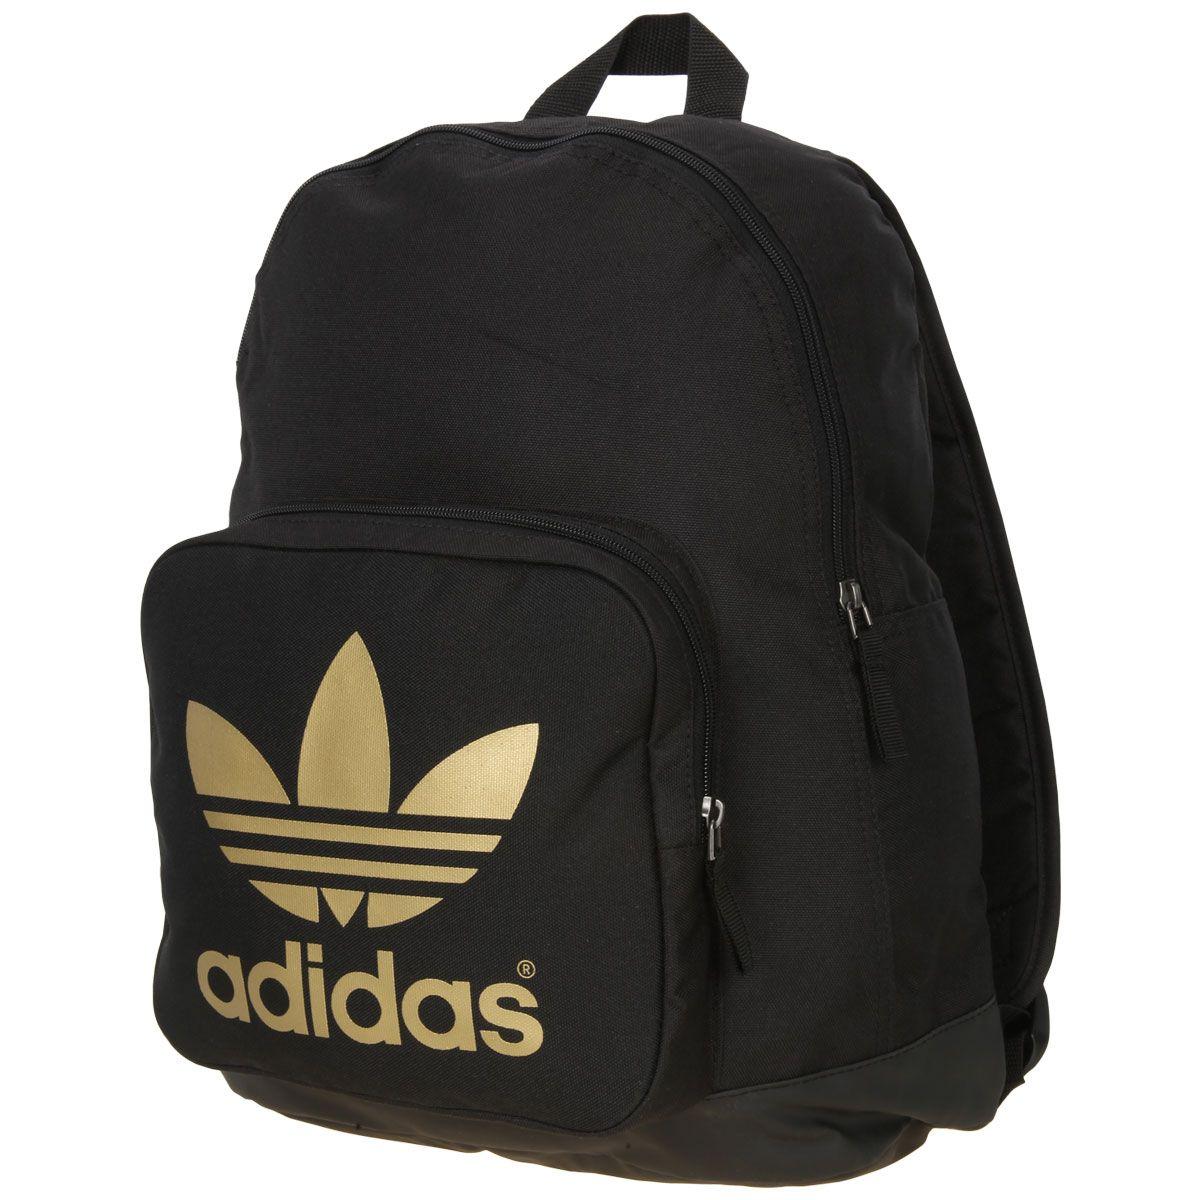 ef240c24ba Mochila Adidas Backpack Class com 15% de desconto Centauro -  www.ofertasnodia.com  centauro  mochila  adidas